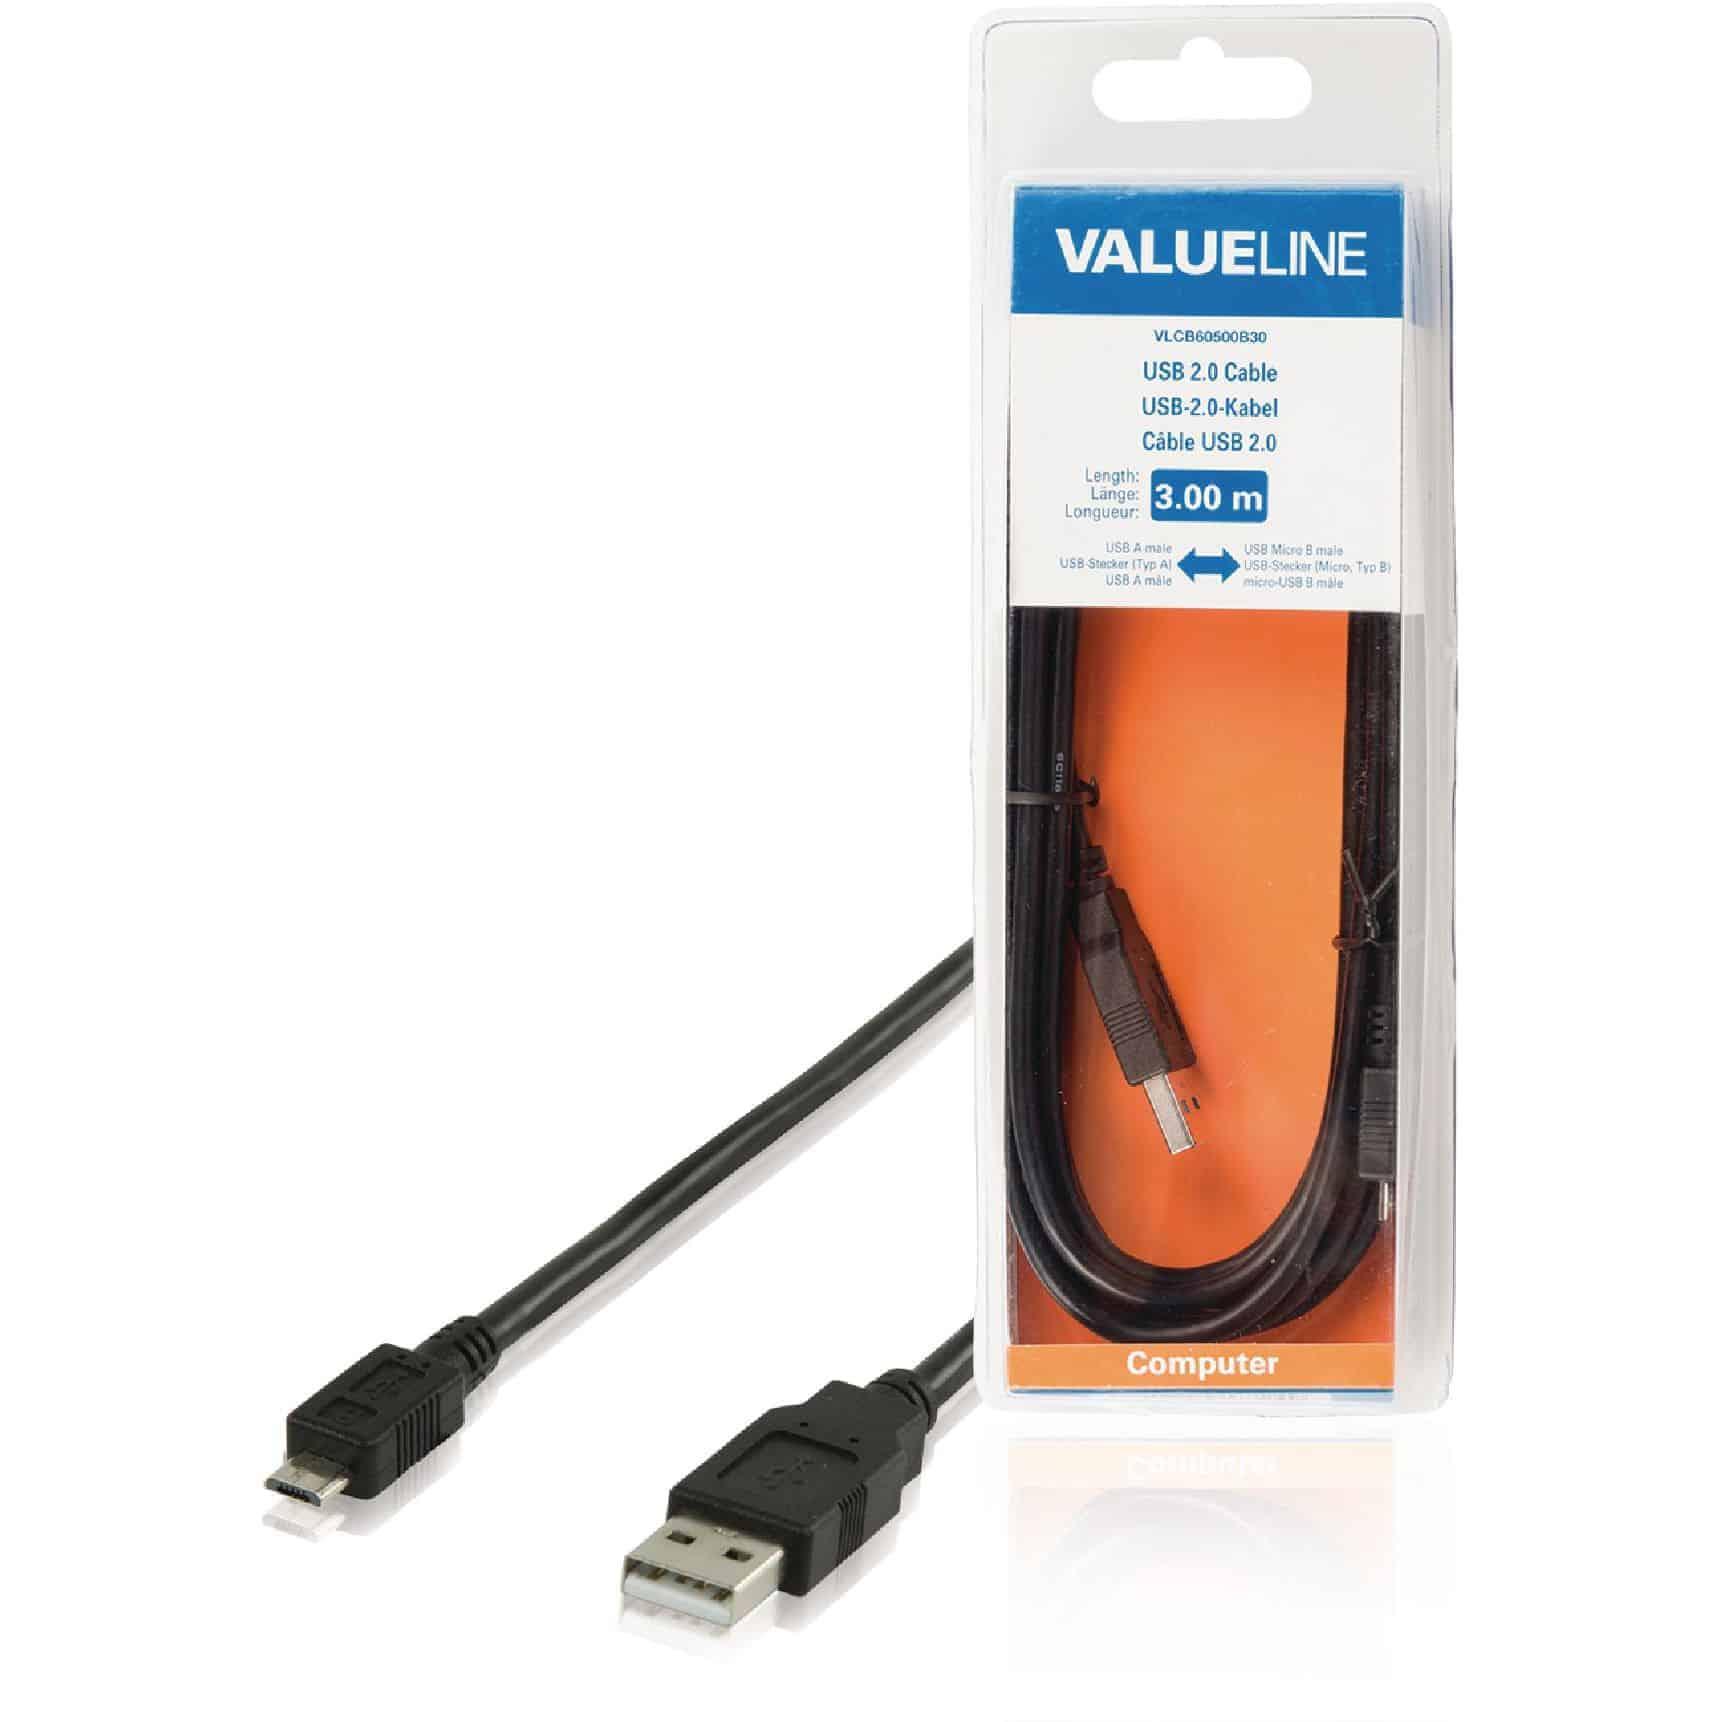 VALUELINE USB 2.0 KAAPELI A UROS - MICRO B UROS 3